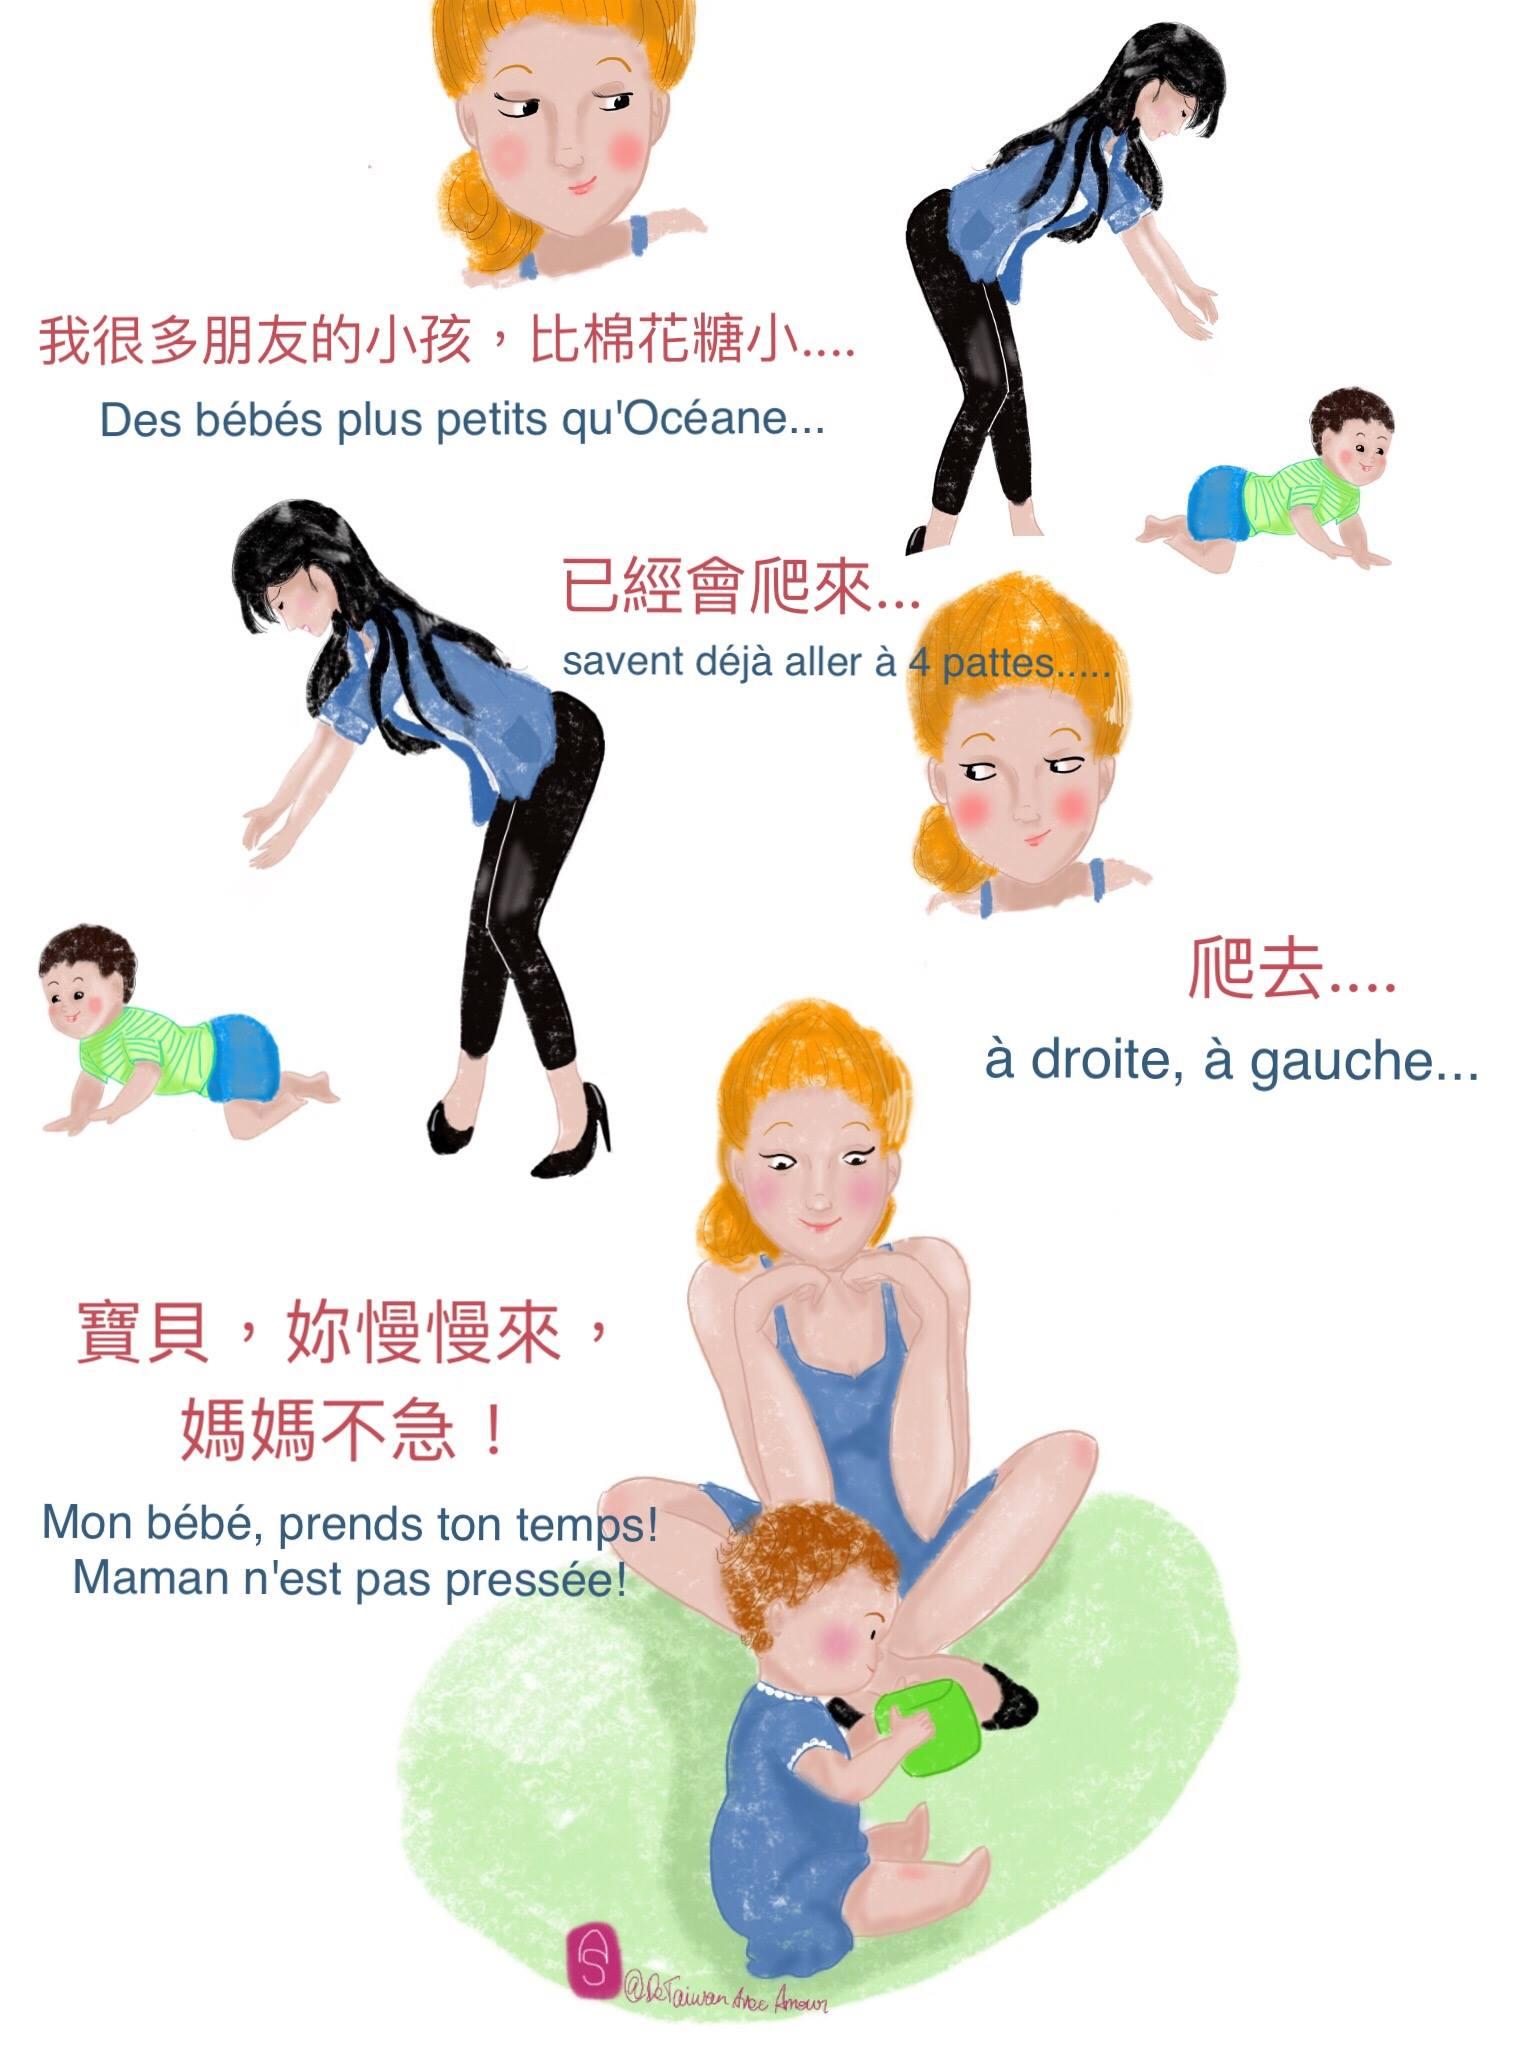 陪玩姊姊-媽媽專訪實例參考-台灣媳婦法國妞-Alizee-插畫家-外國媽媽